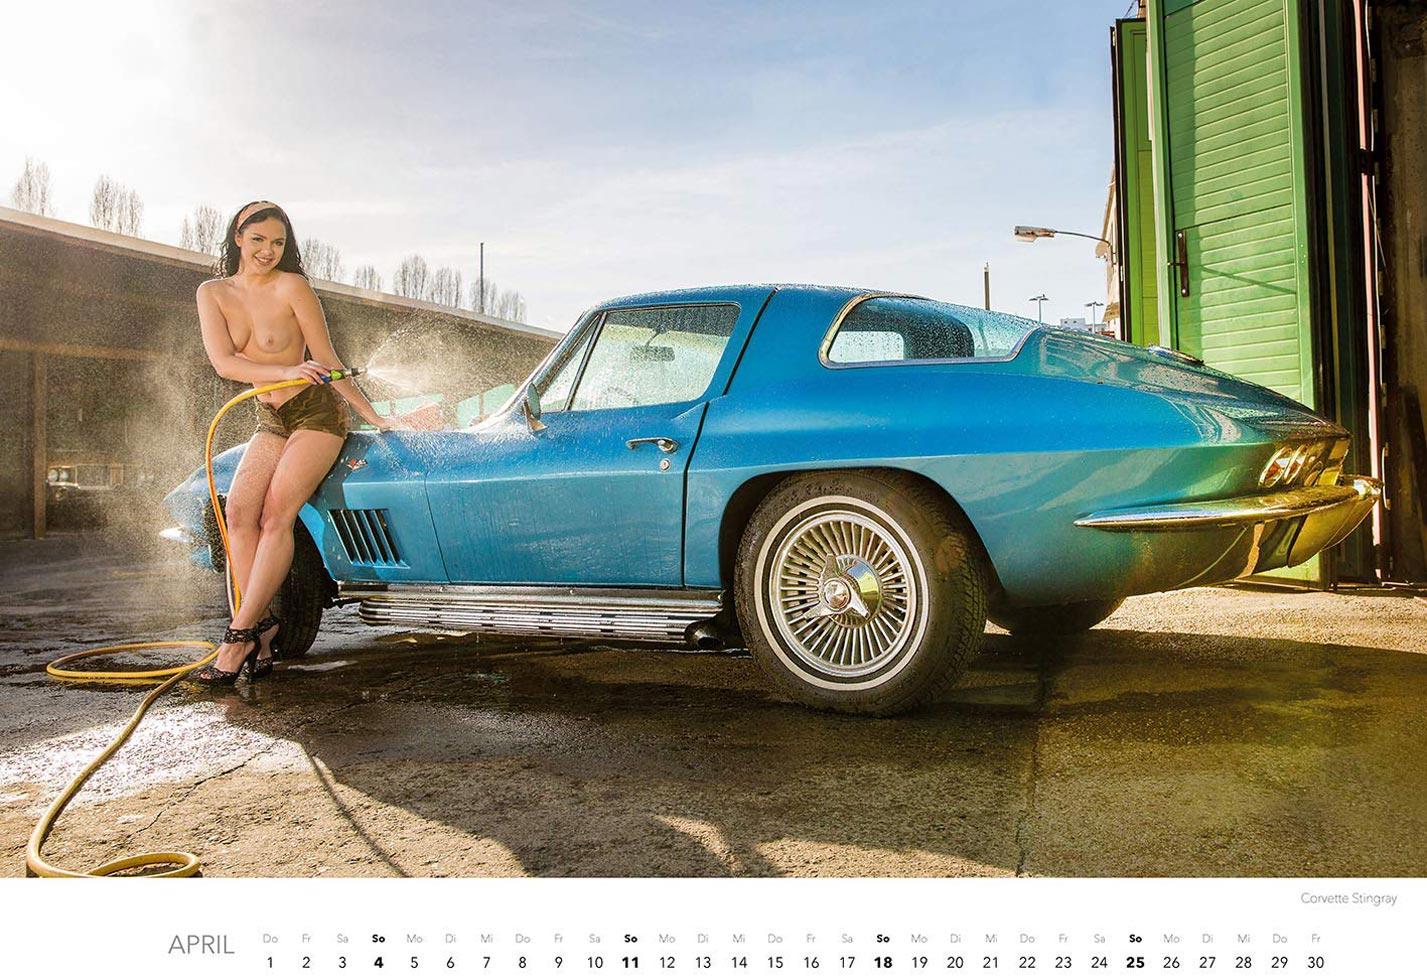 Эротический календарь с сексуальными полуголыми девушками, моющими машины / апрель